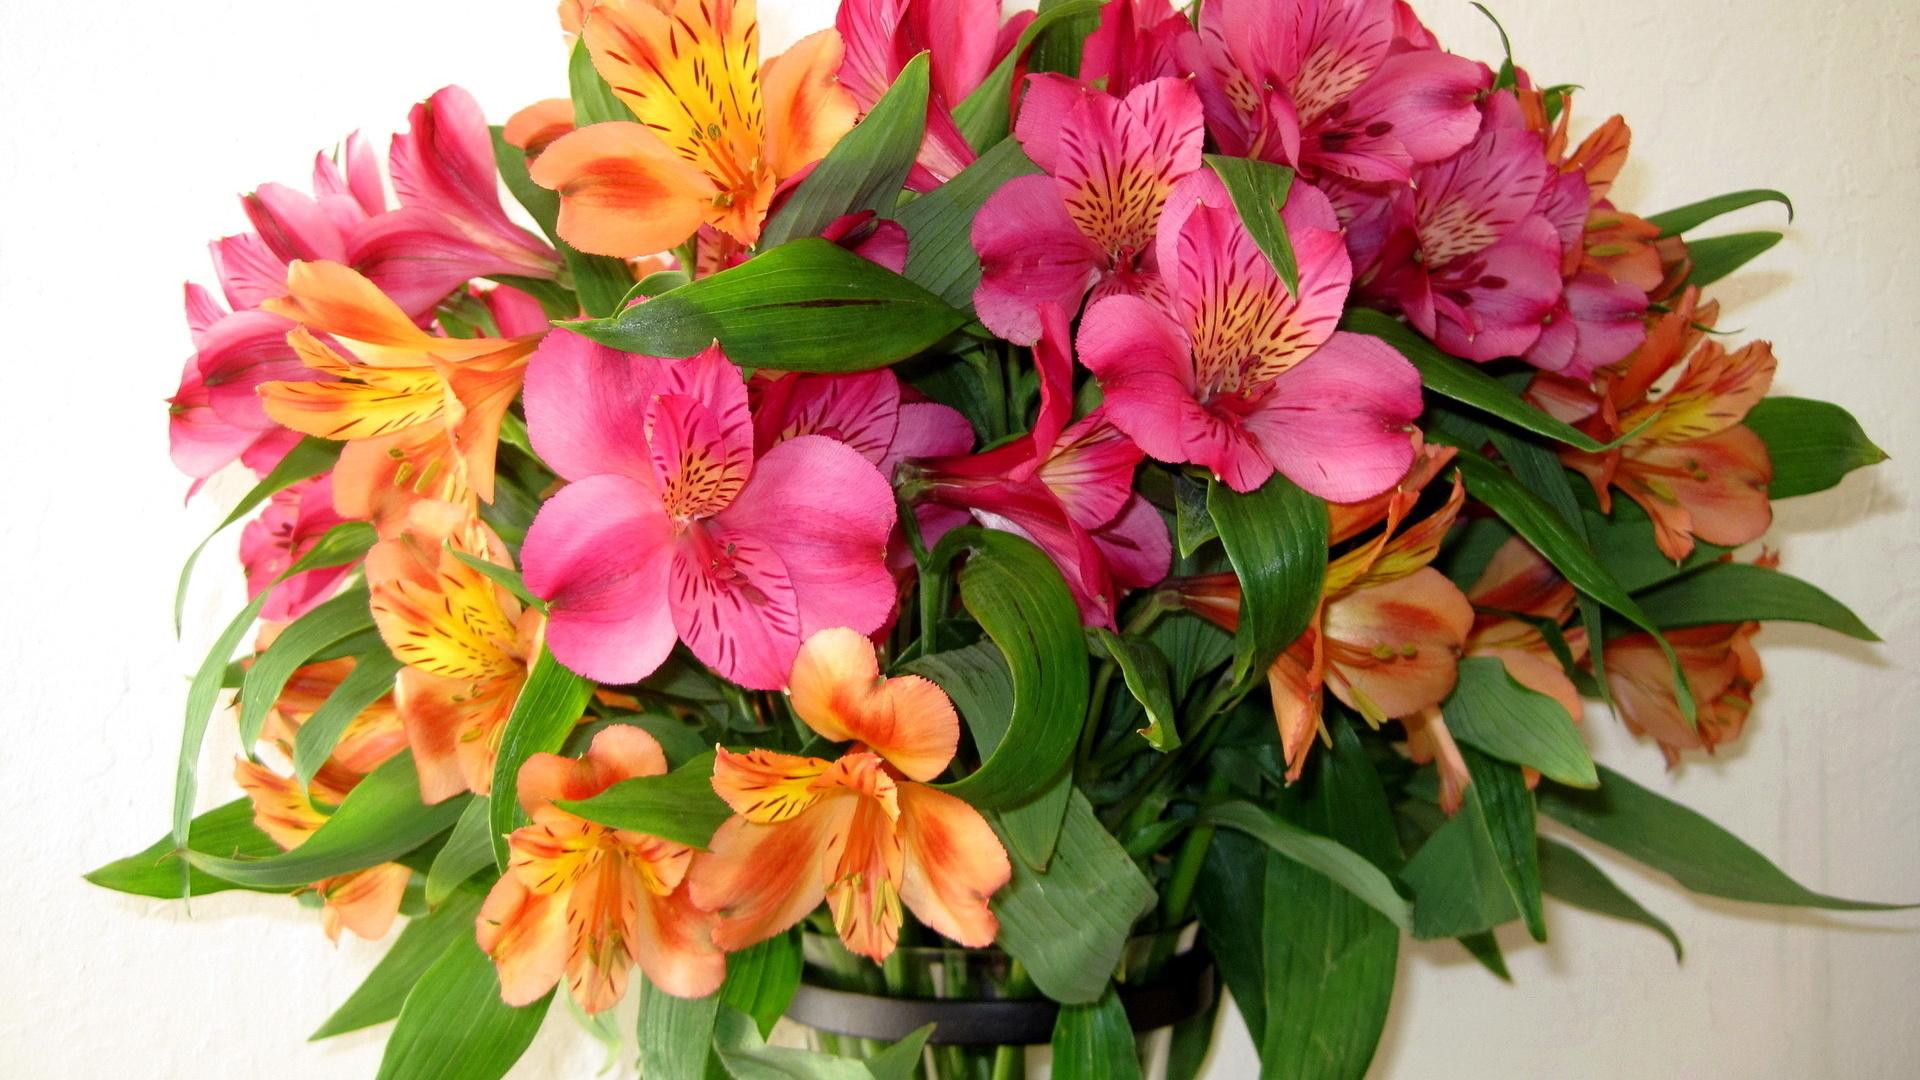 Цветы весны в букетов названия, купить букет